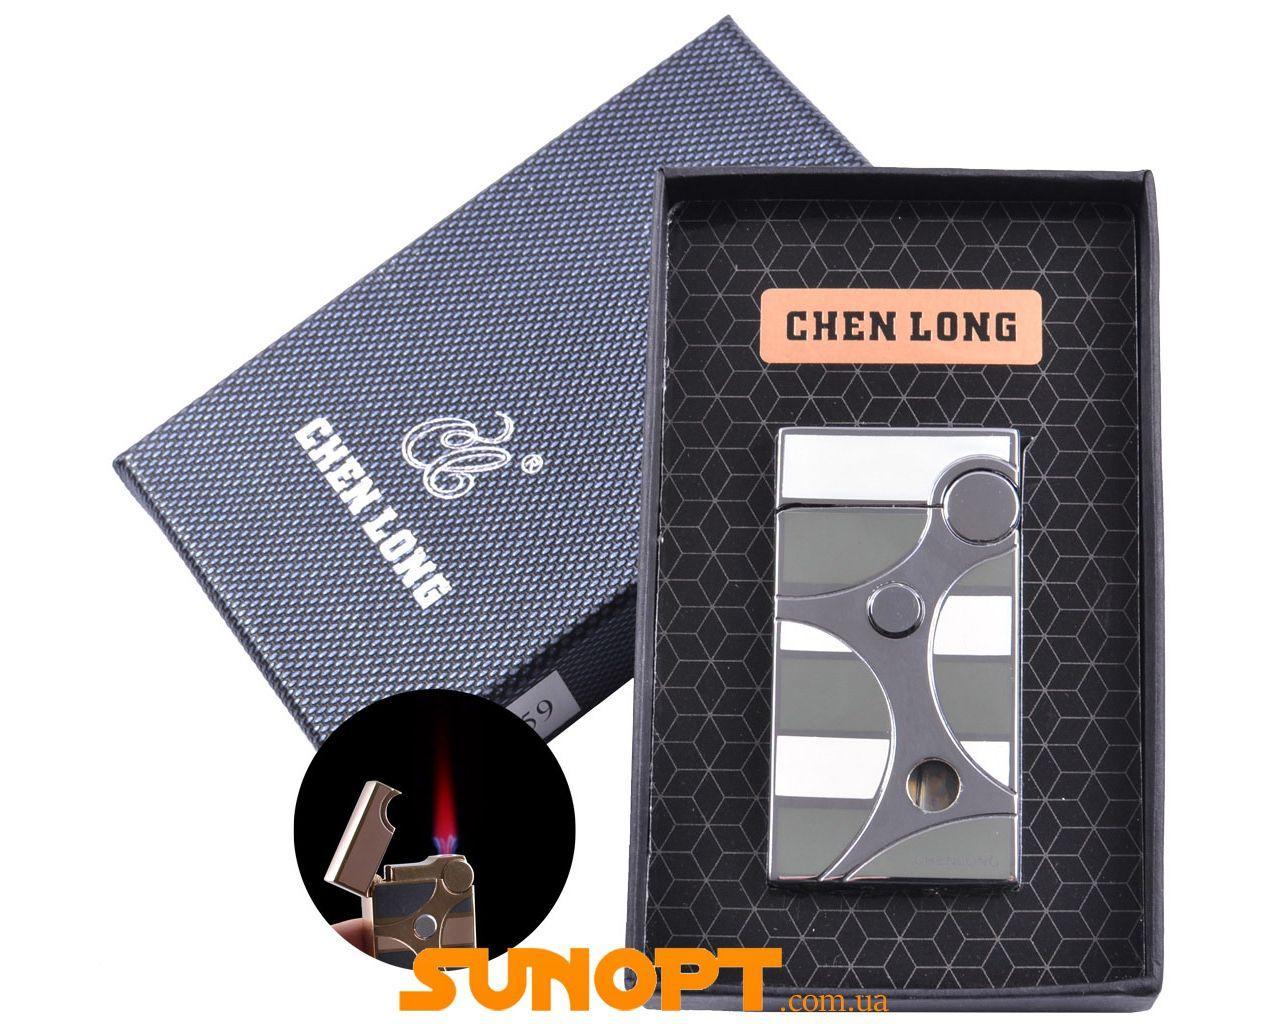 Зажигалка в подарочной упаковке CHEN LONG (Турбо пламя) №XT-4059 Silver